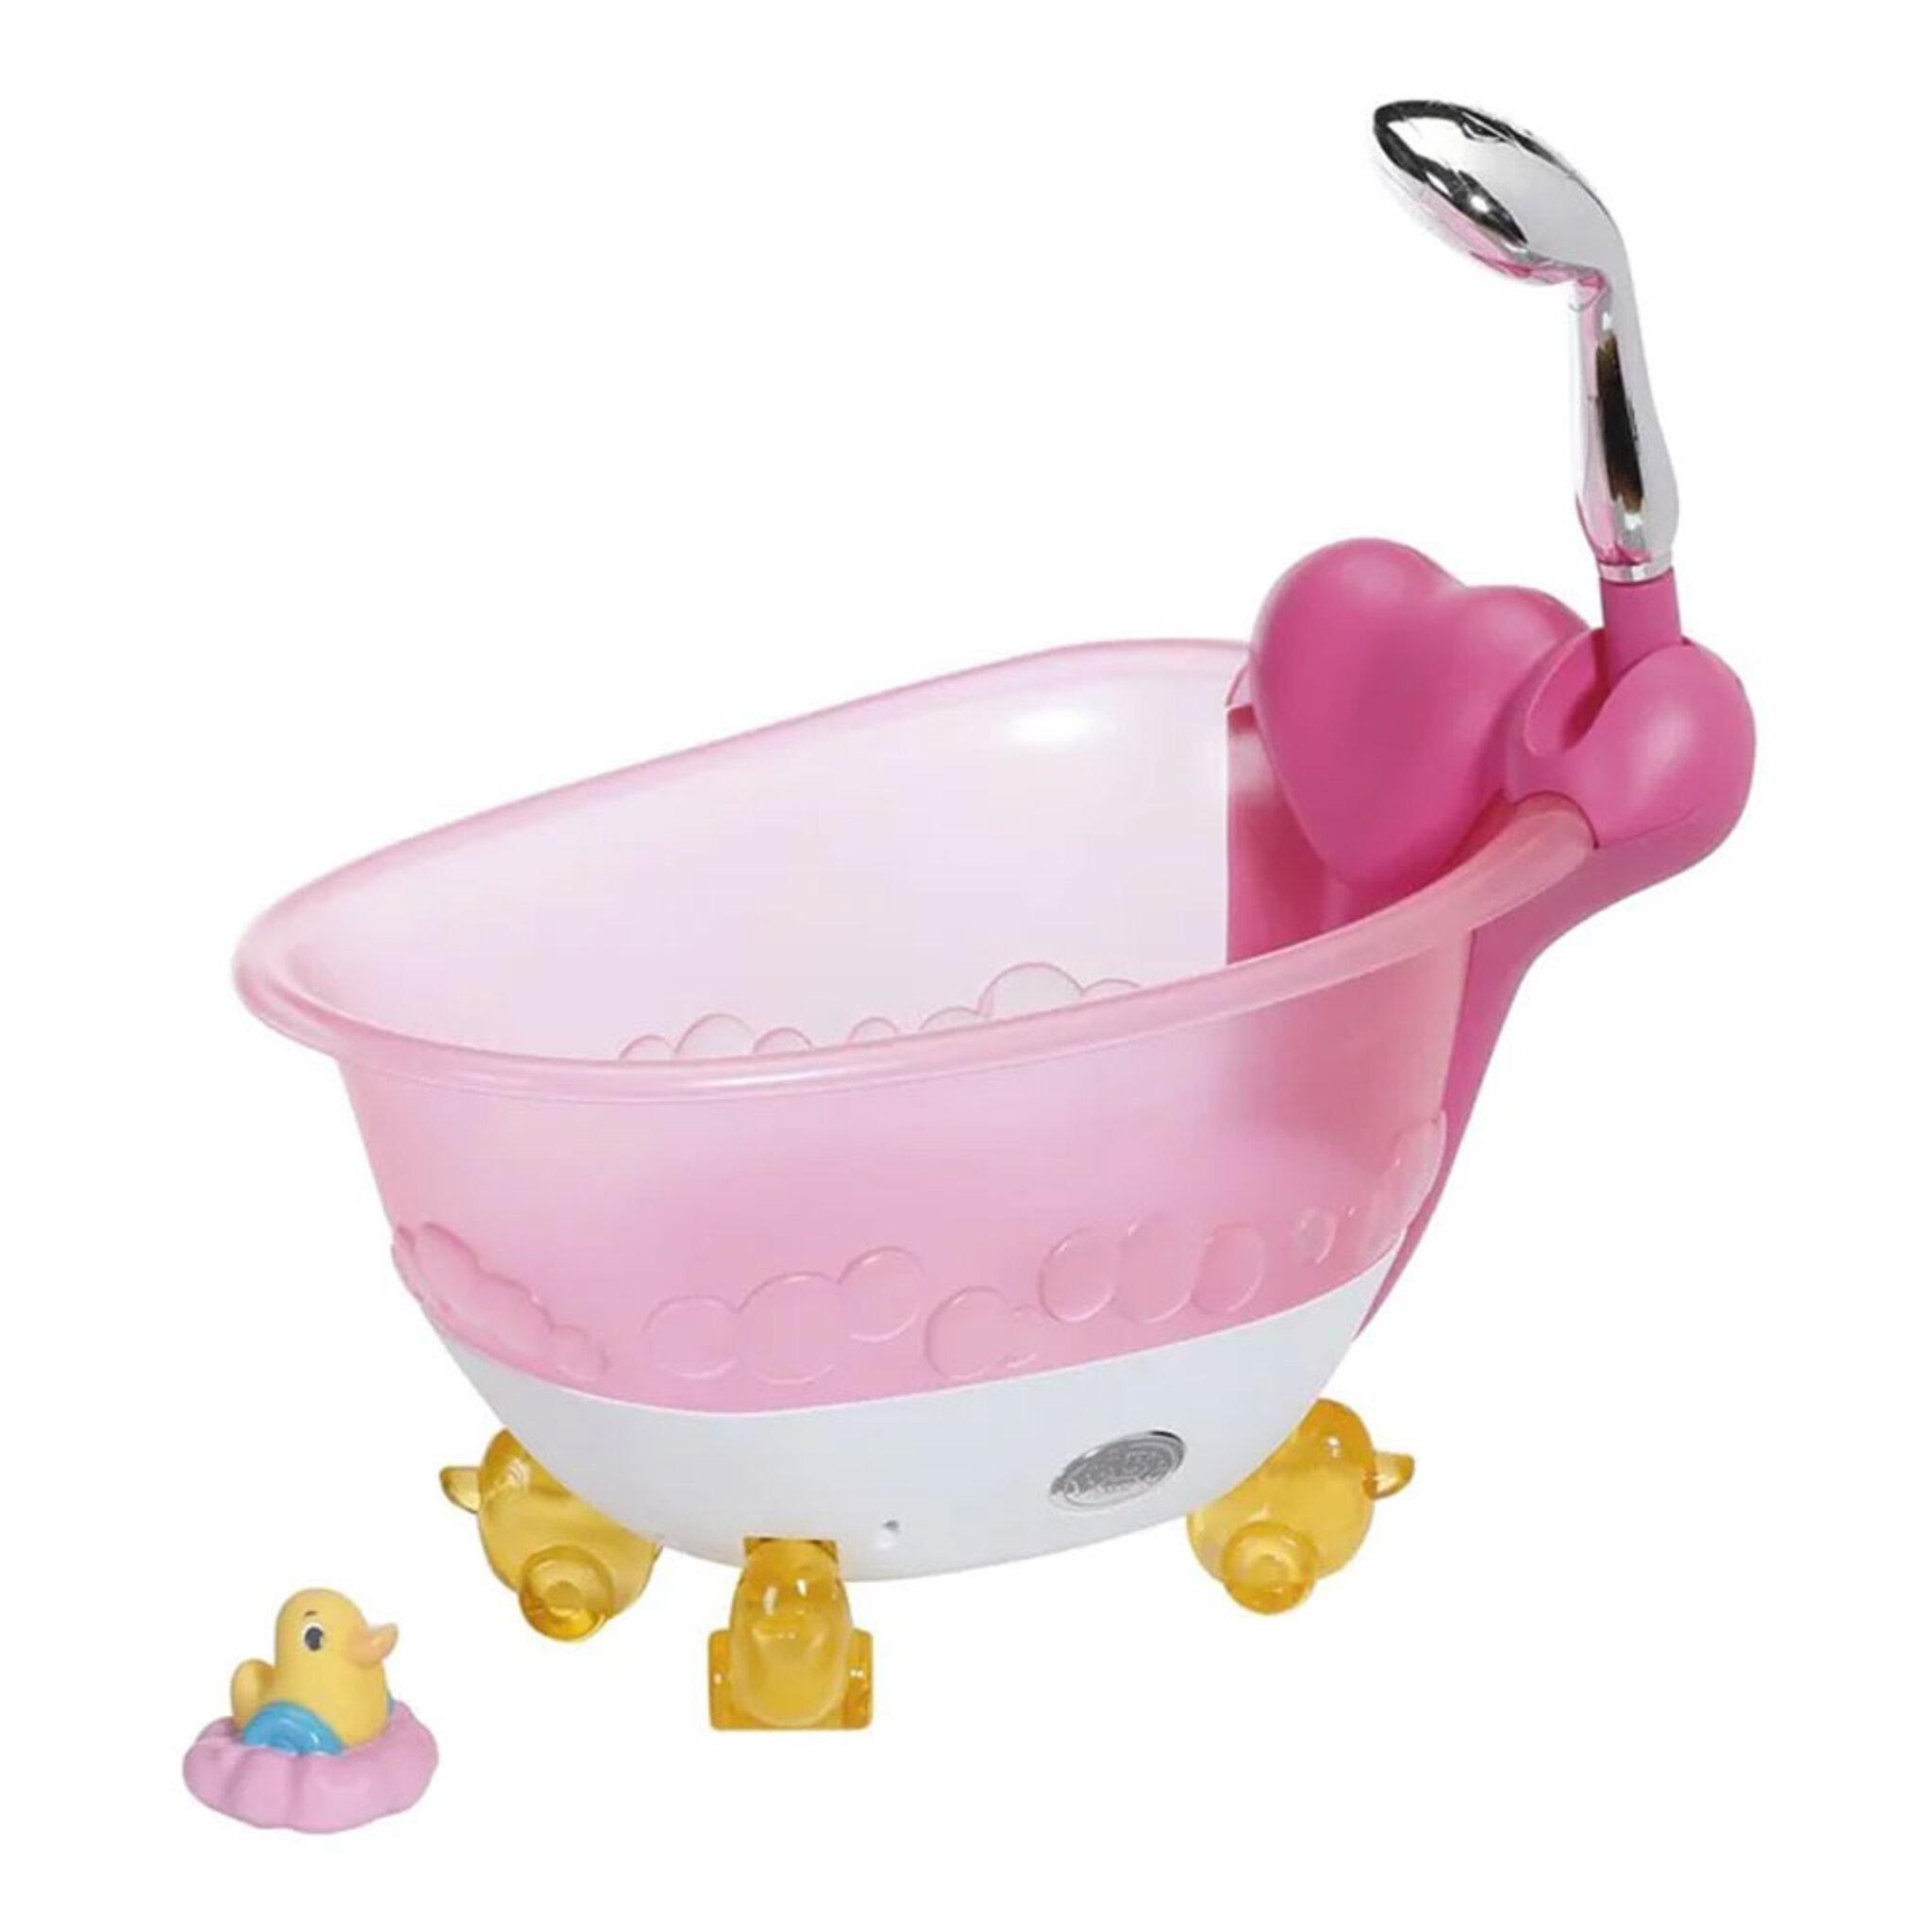 Glittery Bathtub